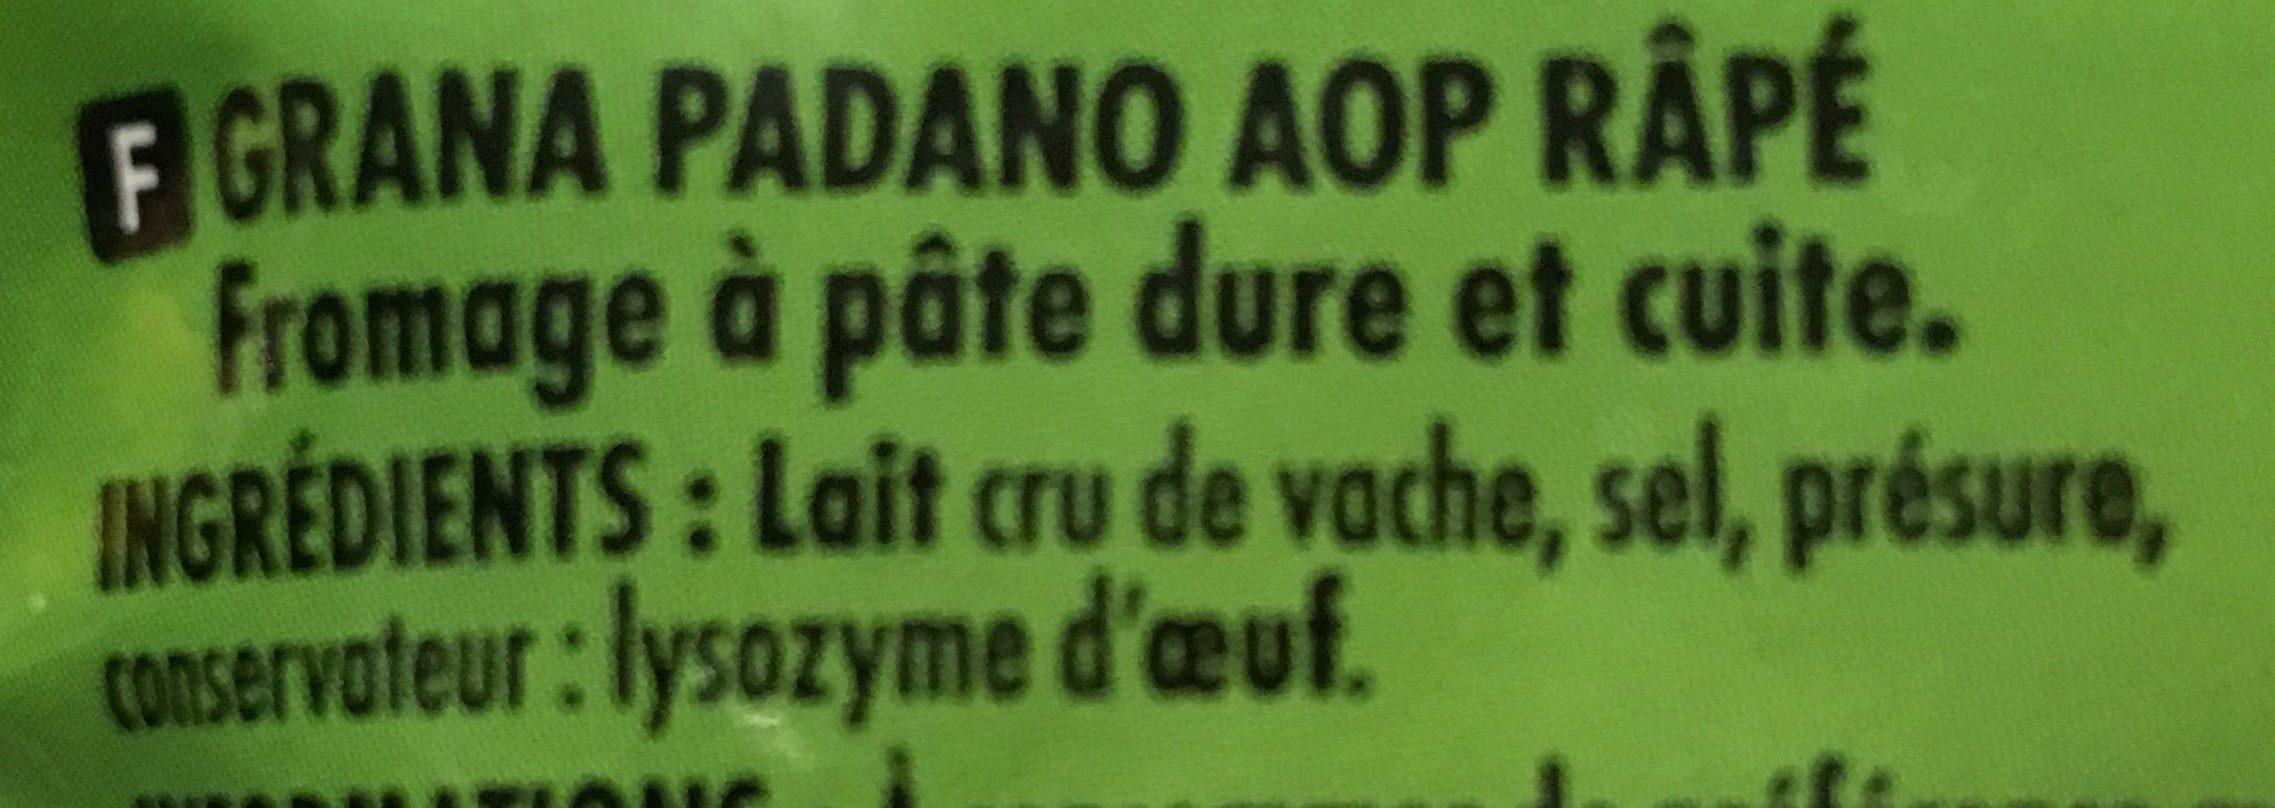 Grana Padano AOP - 100 g - Itinéraire des Saveurs - Inhaltsstoffe